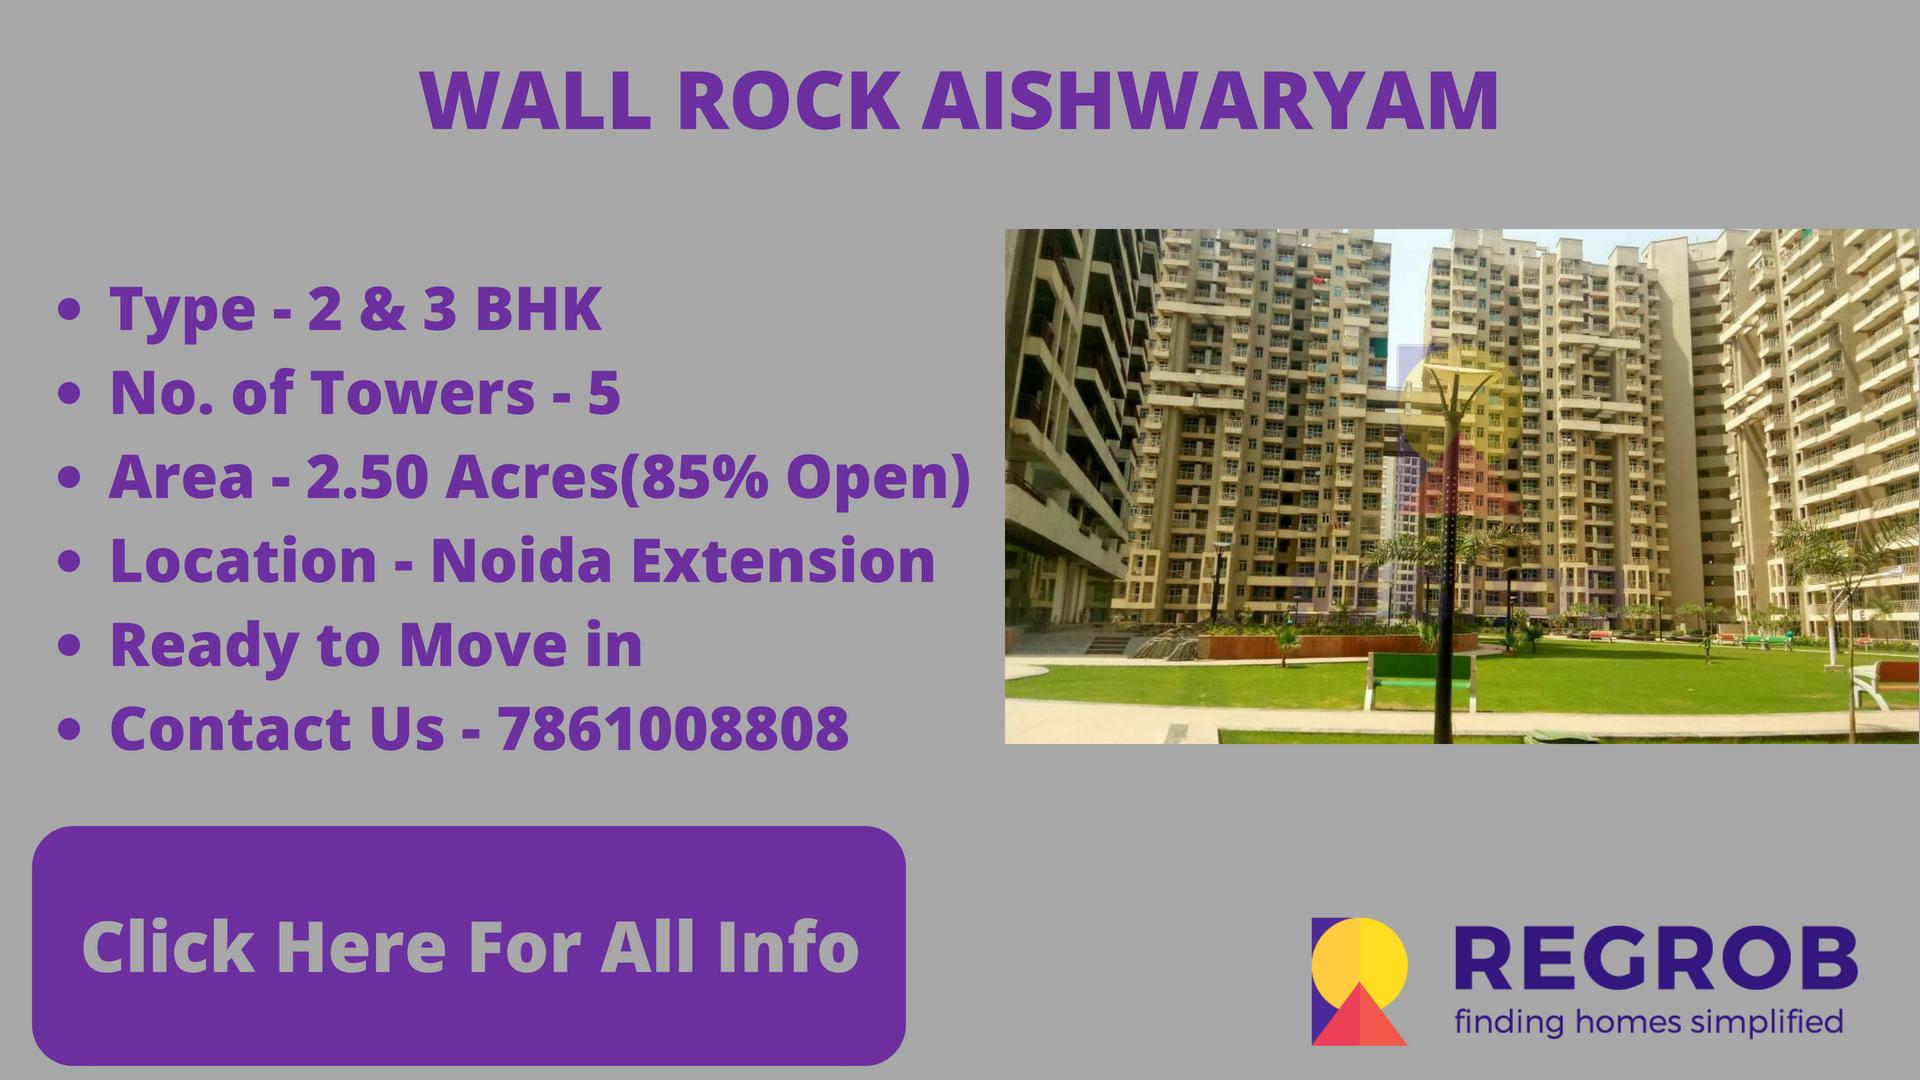 wall rock aishwaryam gaur city 2